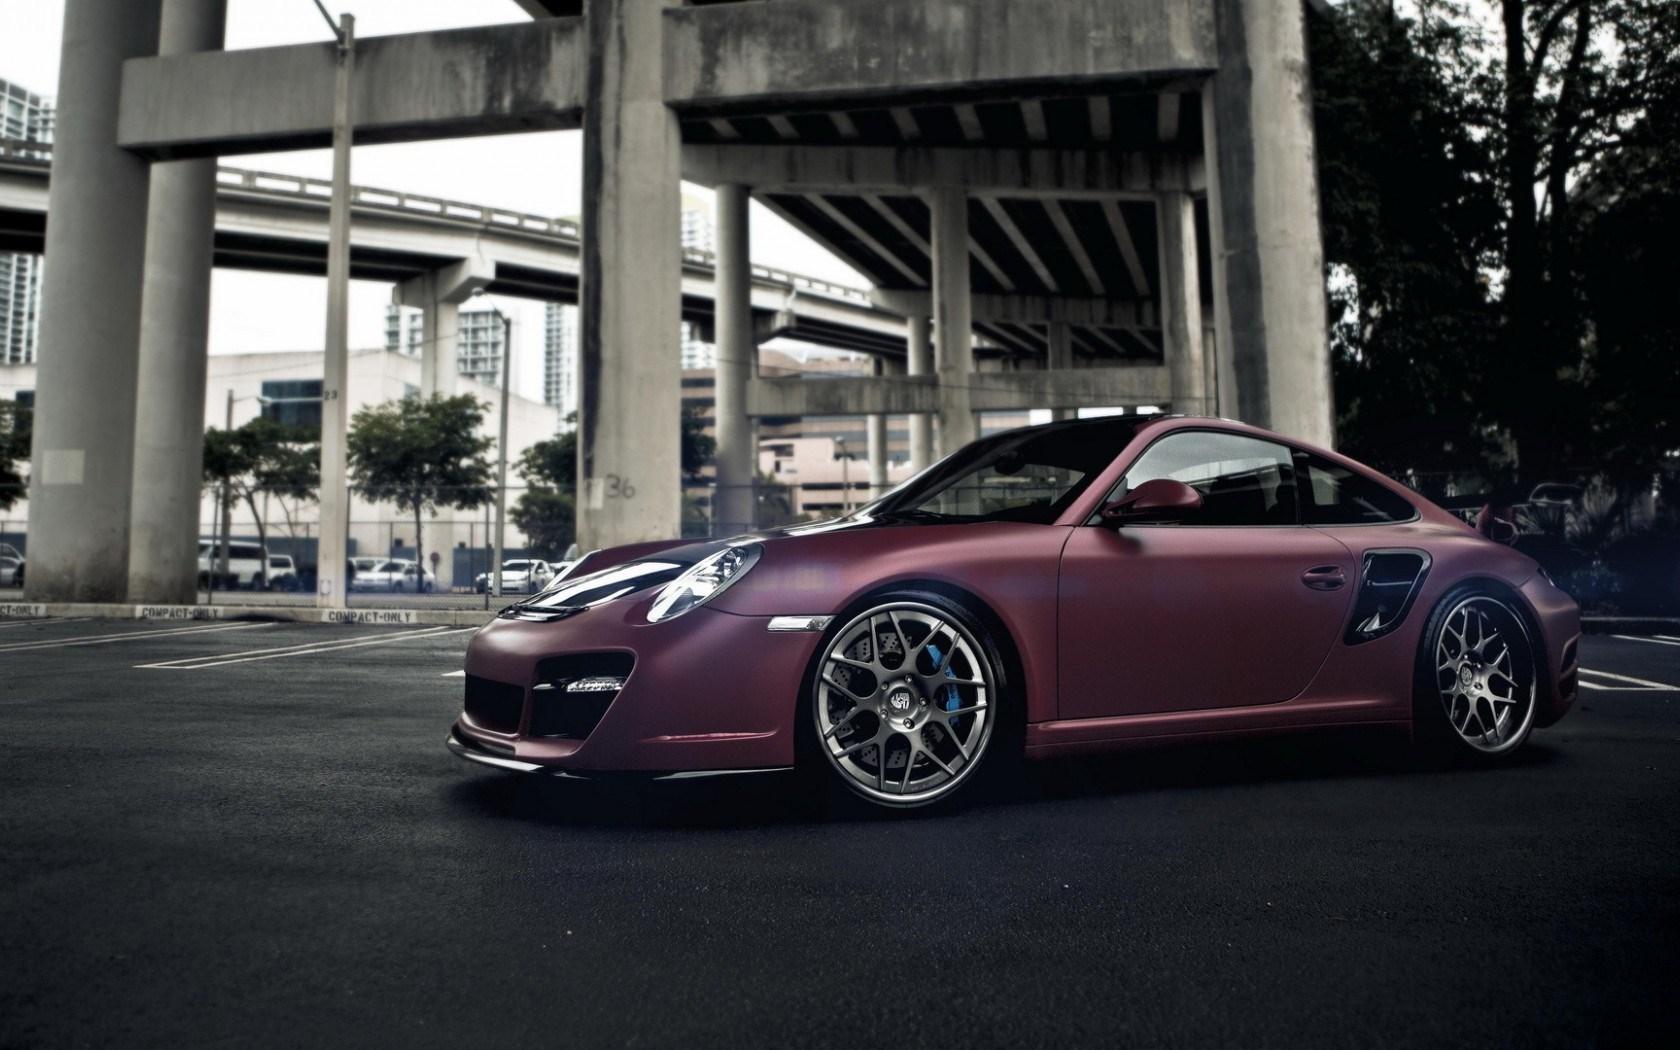 Porsche 911 Carrera Tuning Car Hd Wallpaper Wallpapers Comp